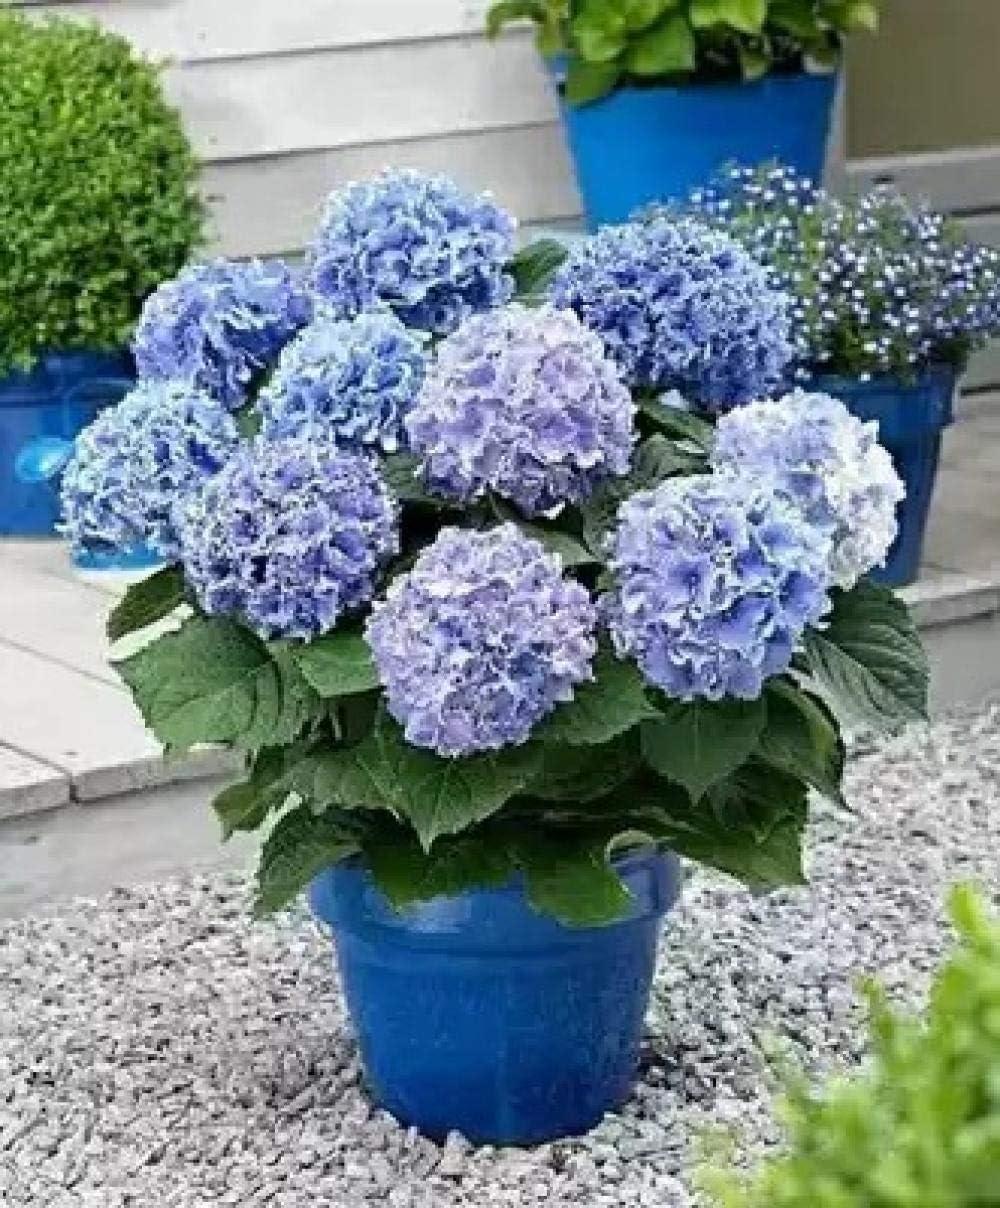 Eastbride Raras Semillas de césped,Semillas de hortensias, Planta de Flor de jardín de floración de Cuatro Estaciones-0.25kg_X,Mezcla Semillas Ornamentales